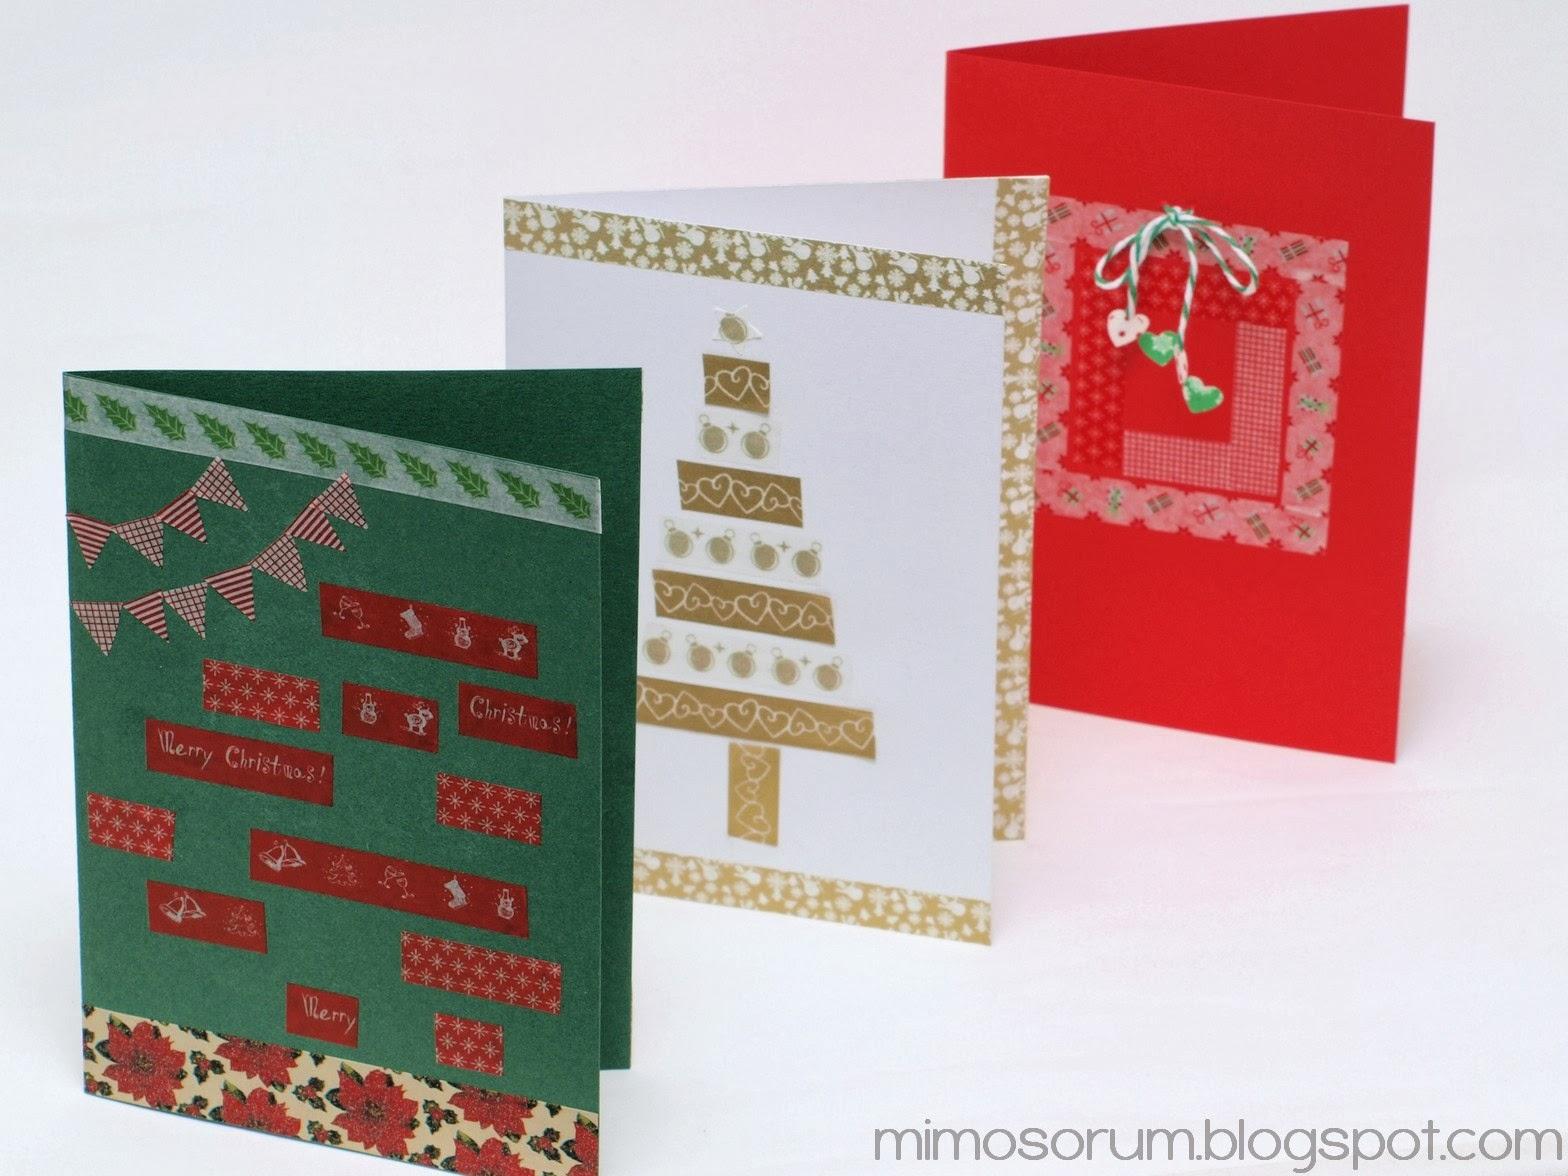 Mimosorum Tarjetas De Navidad Con Washi Tape Ii Christmas Cards - Como-se-hace-una-tarjeta-de-navidad